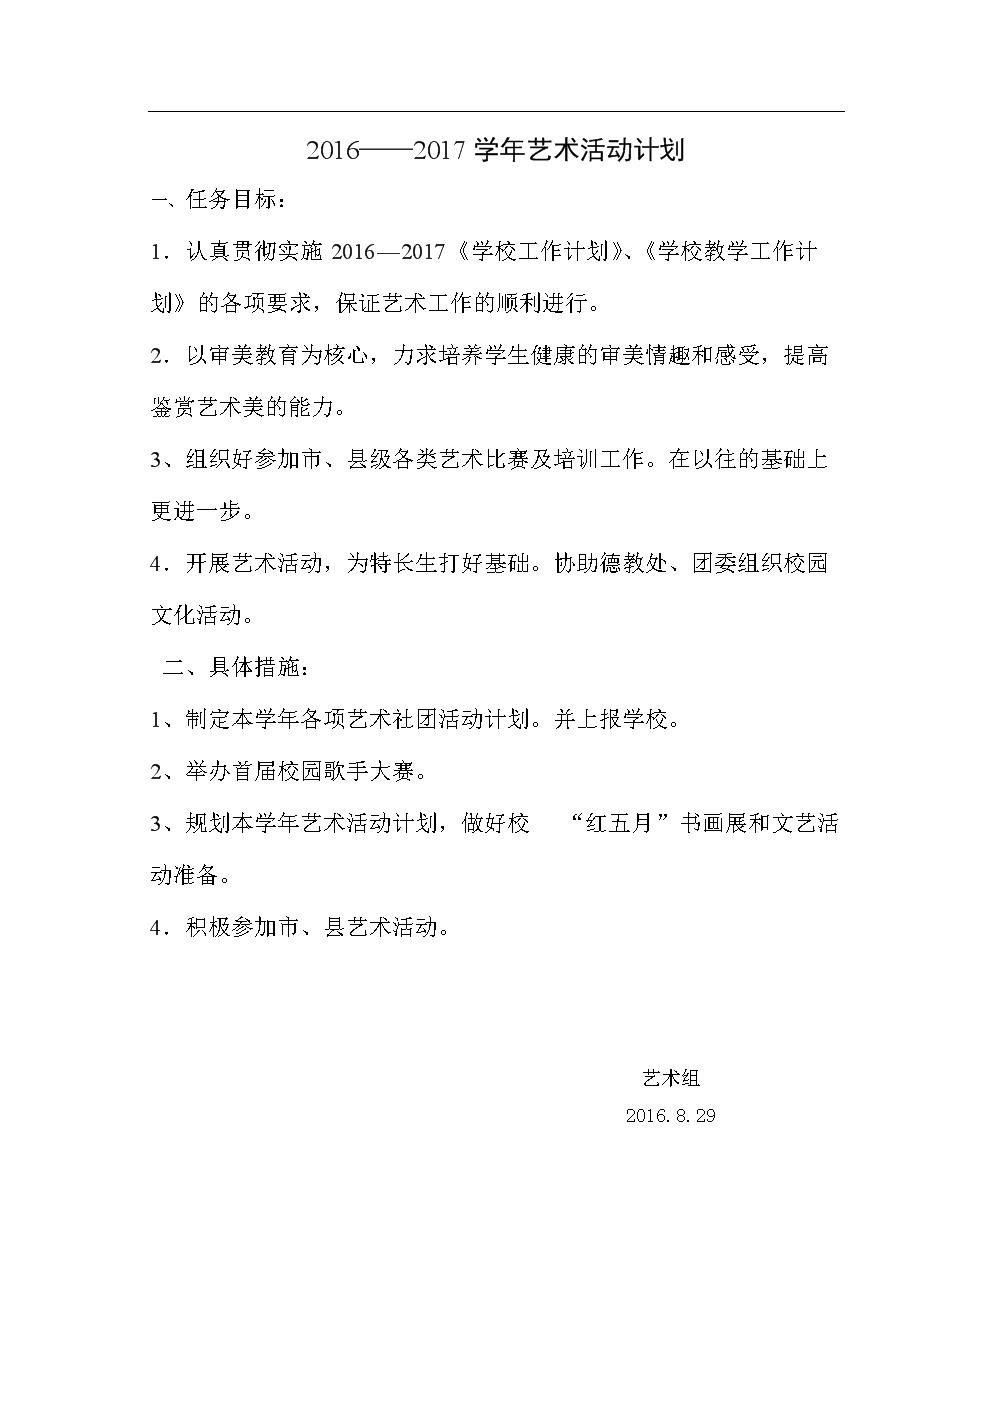 艺术社团活动计划.doc